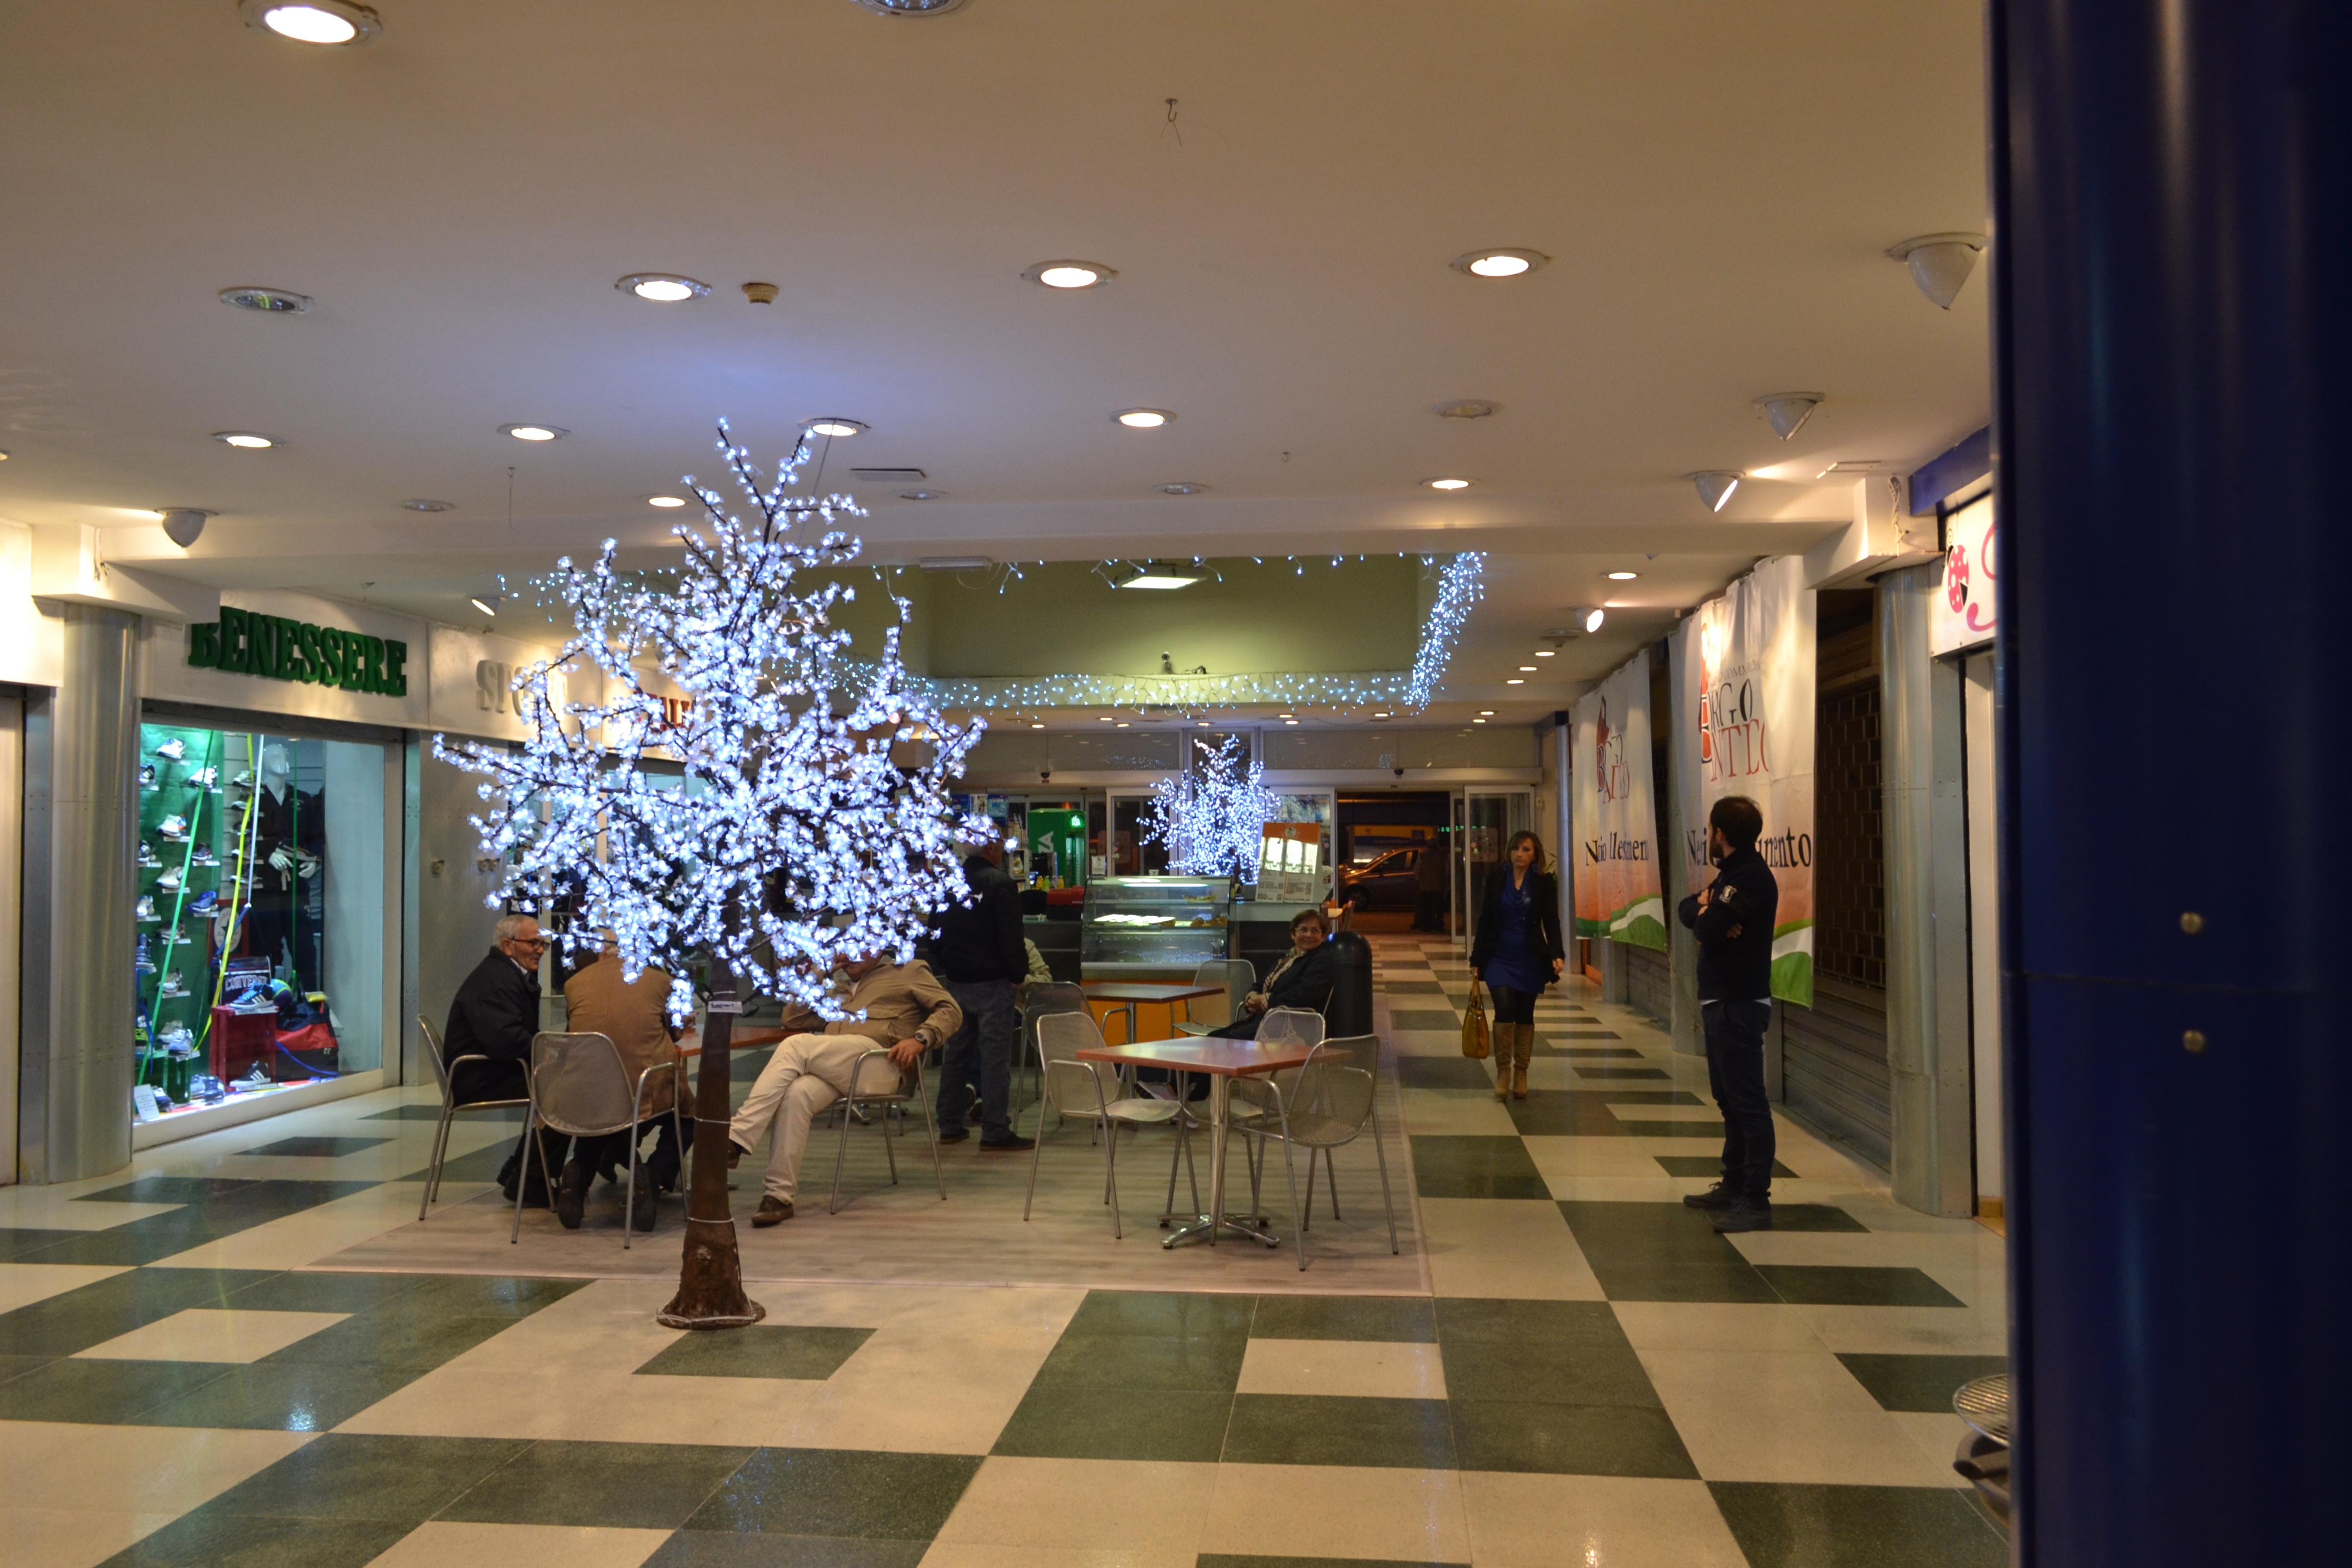 albero di natale led caserta centro commerciale